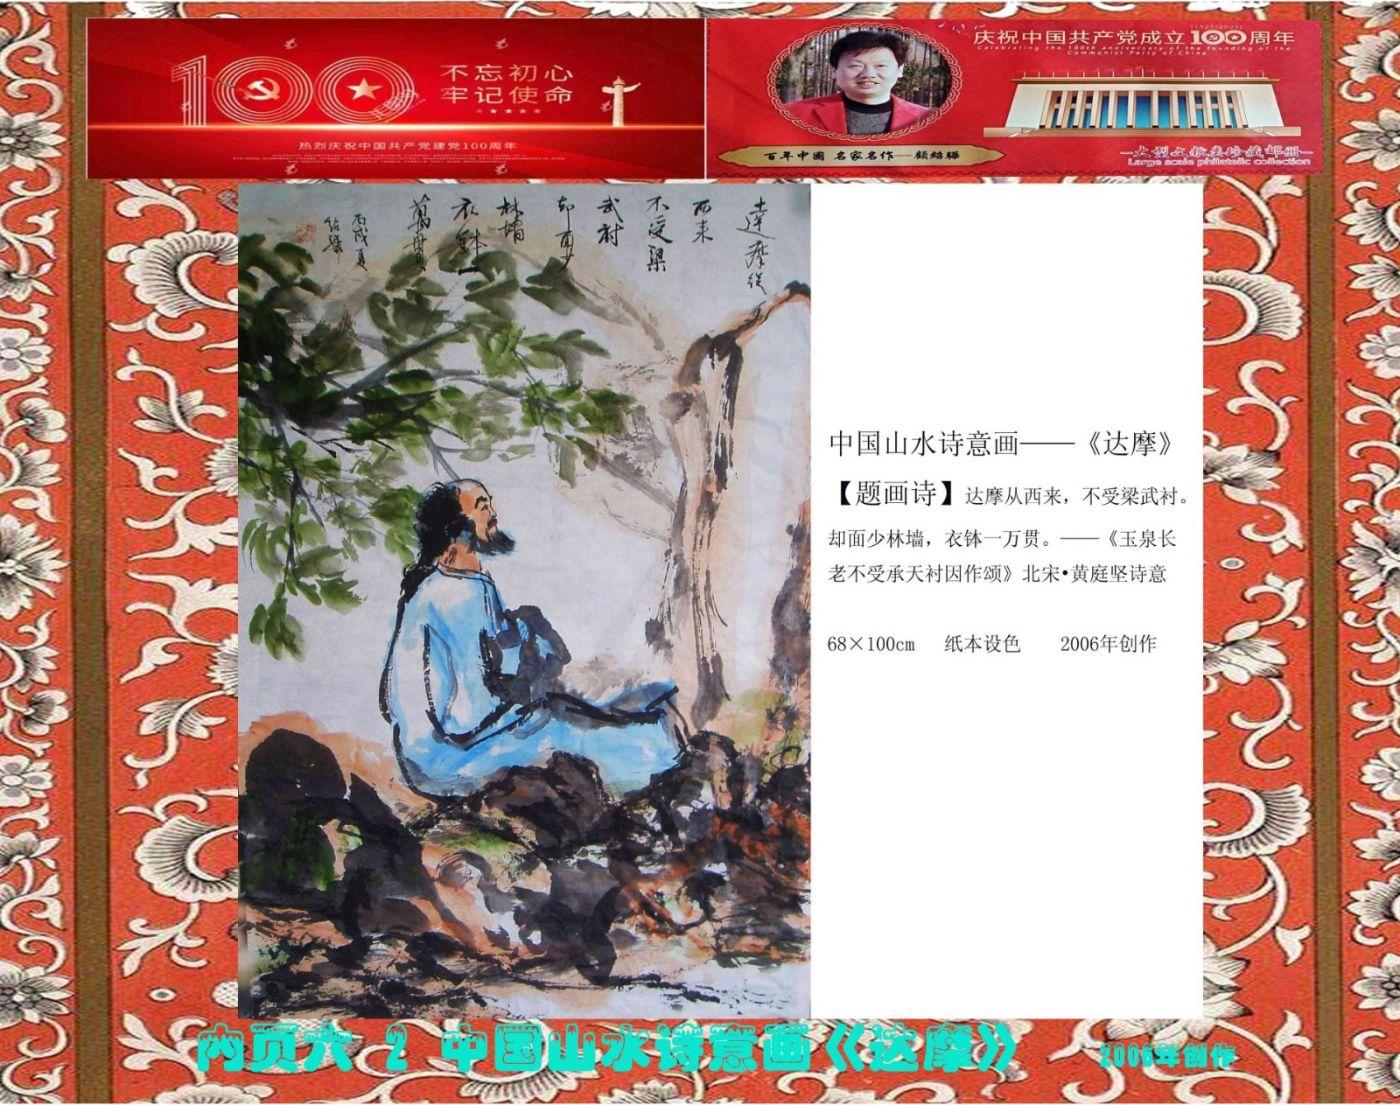 顾绍骅的诗情画意又入选《庆祝中国共产党成立100周年 百年中国名家名作》 ..._图1-18